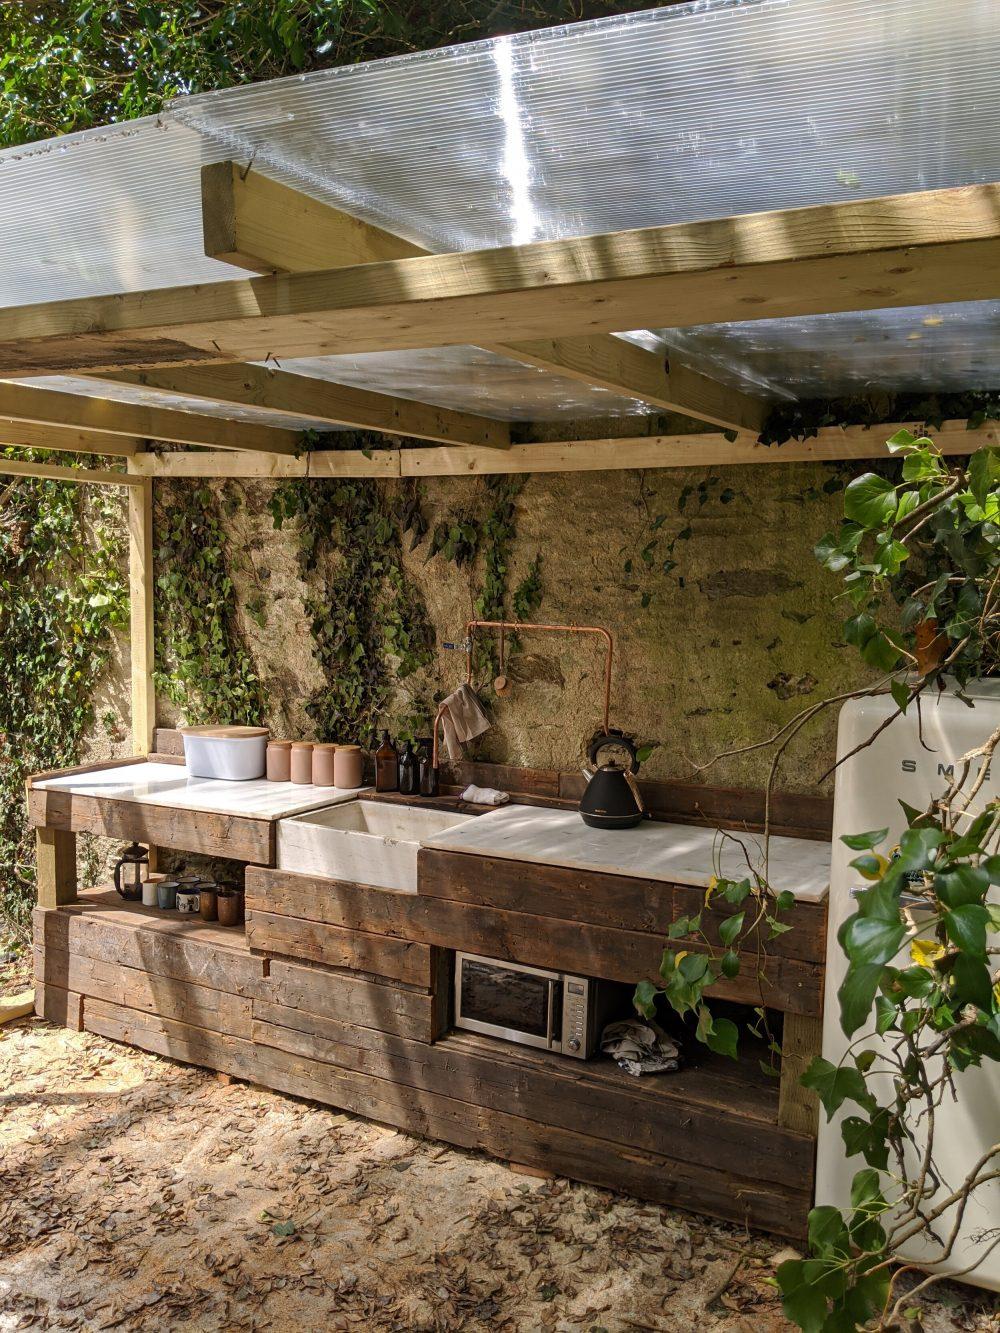 Our new indoor/outdoor kitchen